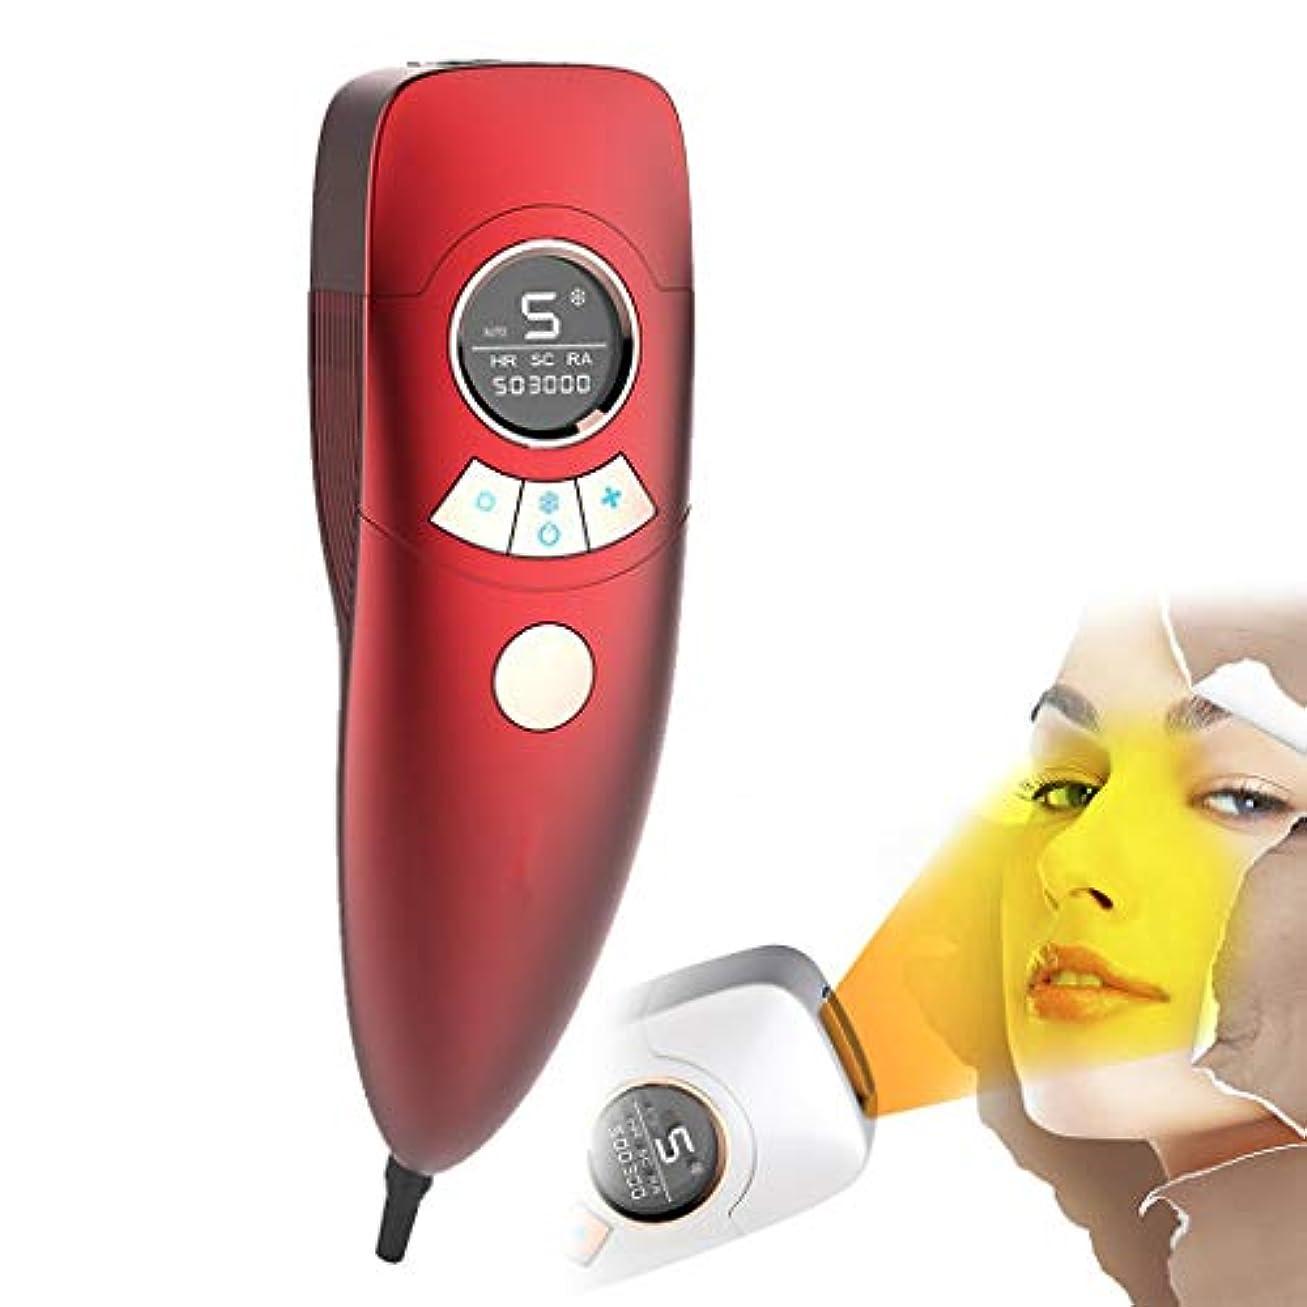 ピボットモトリー異常な電気脱毛装置は痛みがありません女性4で1充電式電気脱毛器の髪、ビキニエリア鼻脇の下腕の脚の痛みのない永久的な体毛リムーバー-red